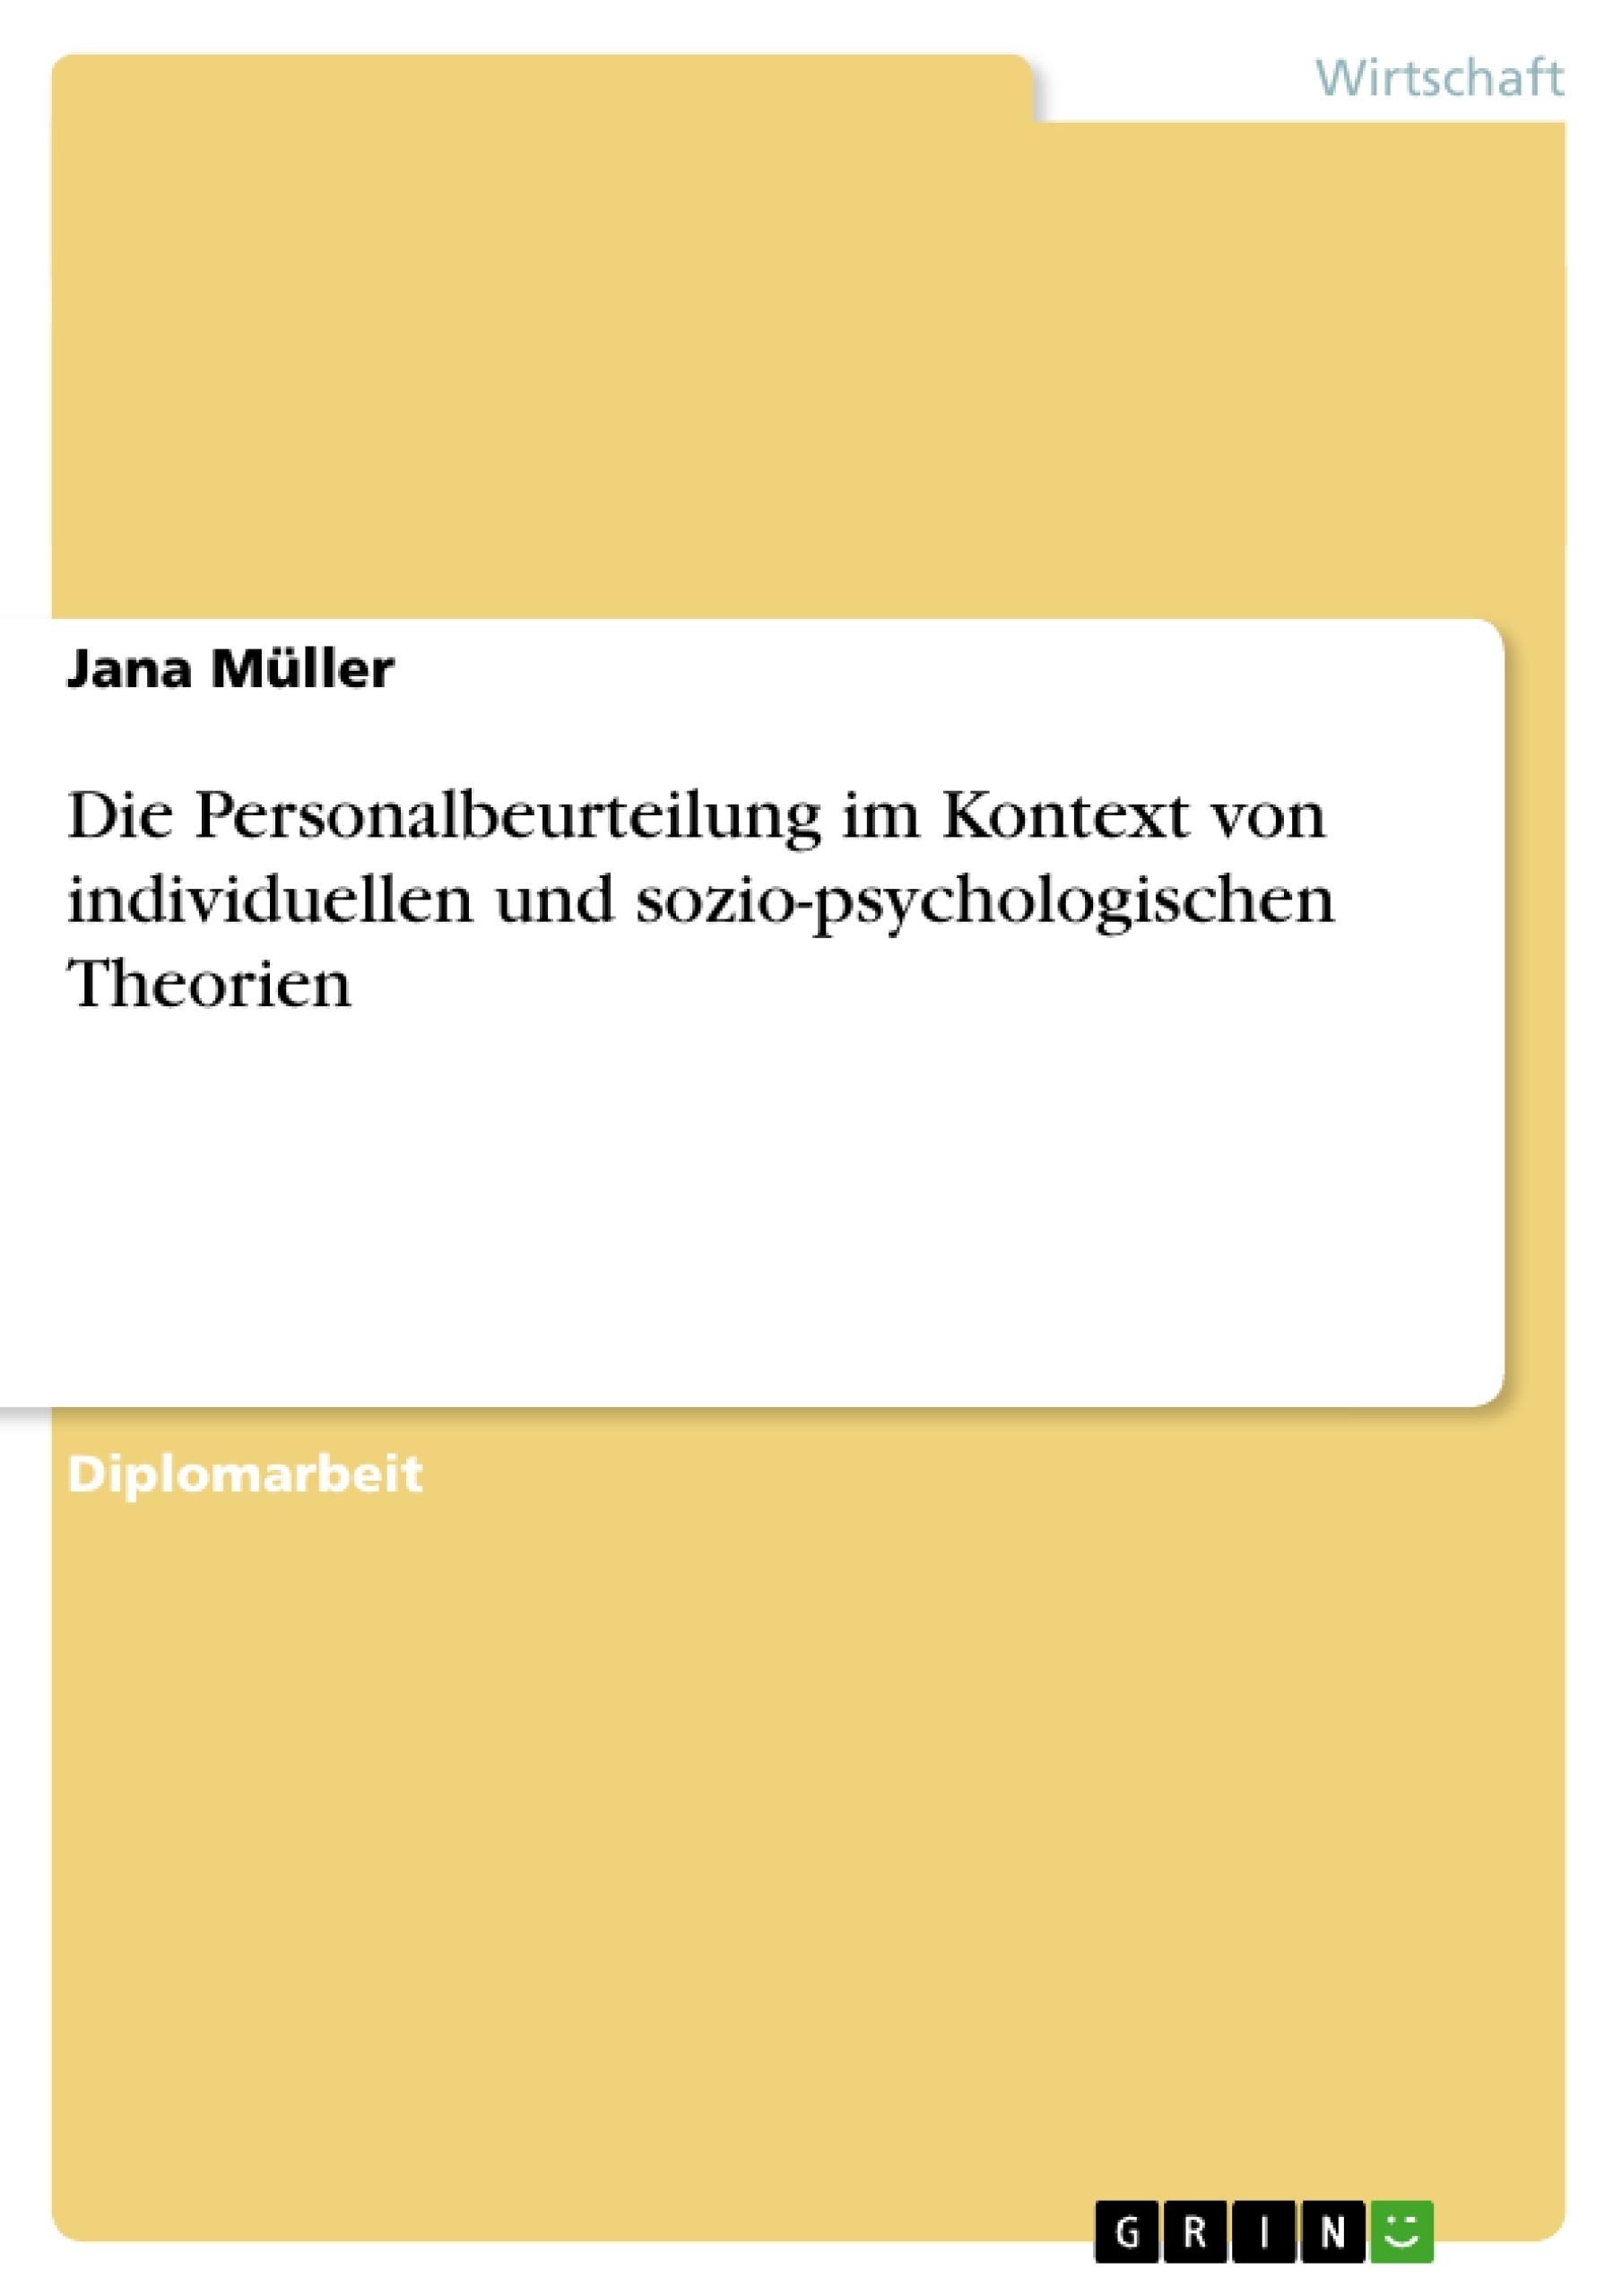 Titel: Die Personalbeurteilung im Kontext von individuellen und sozio-psychologischen Theorien